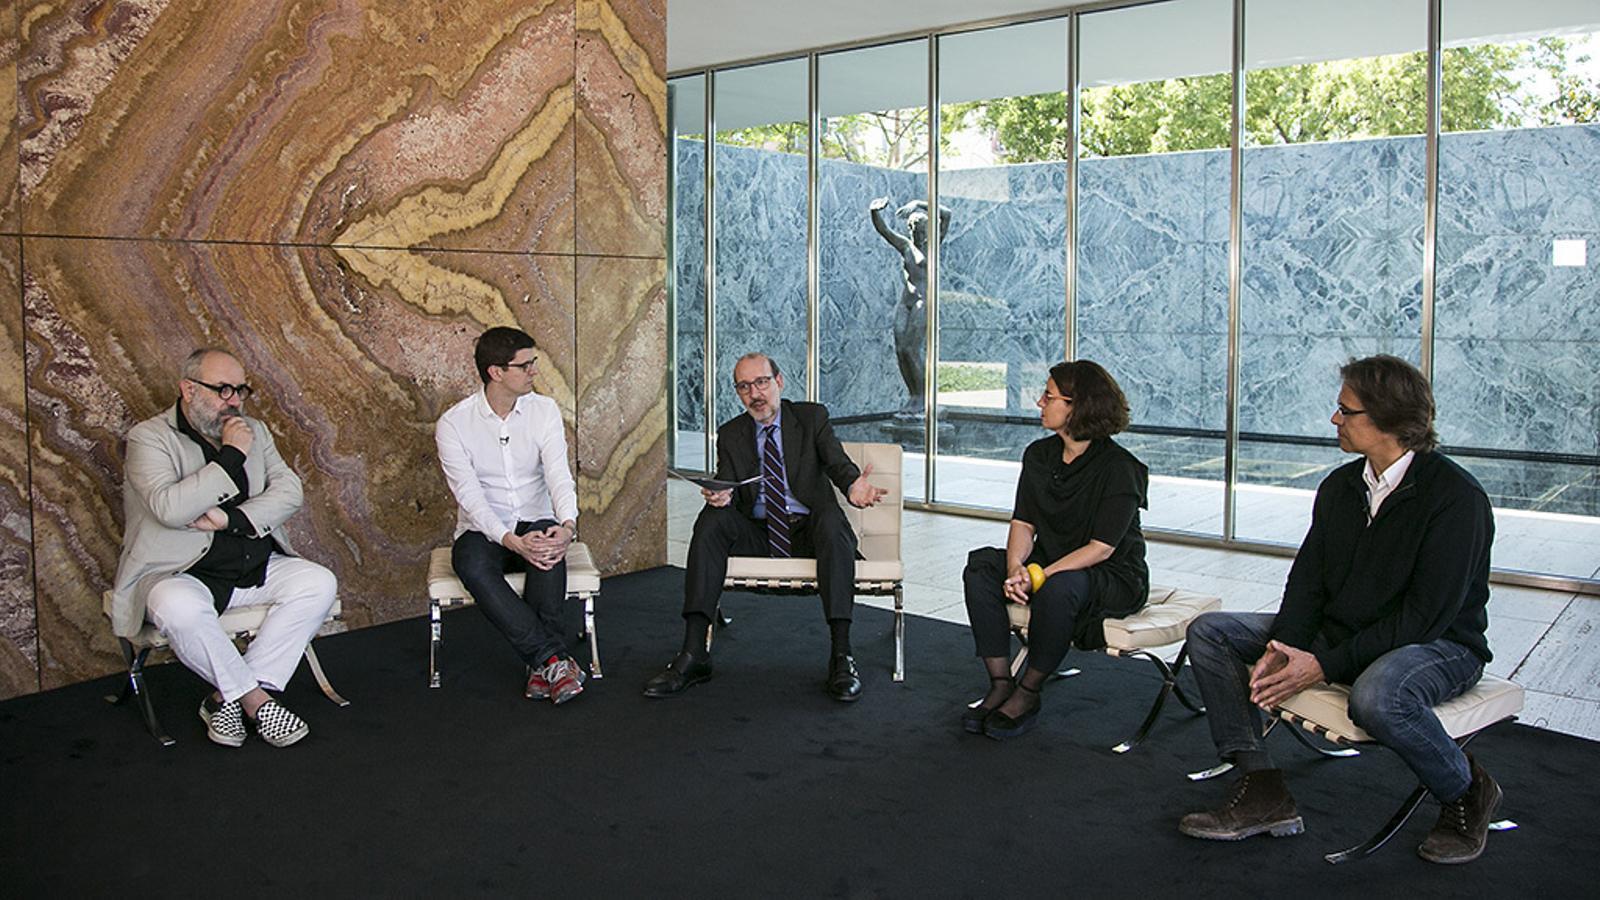 Les batalles dels arquitectes catalans a la Biennal de Venècia